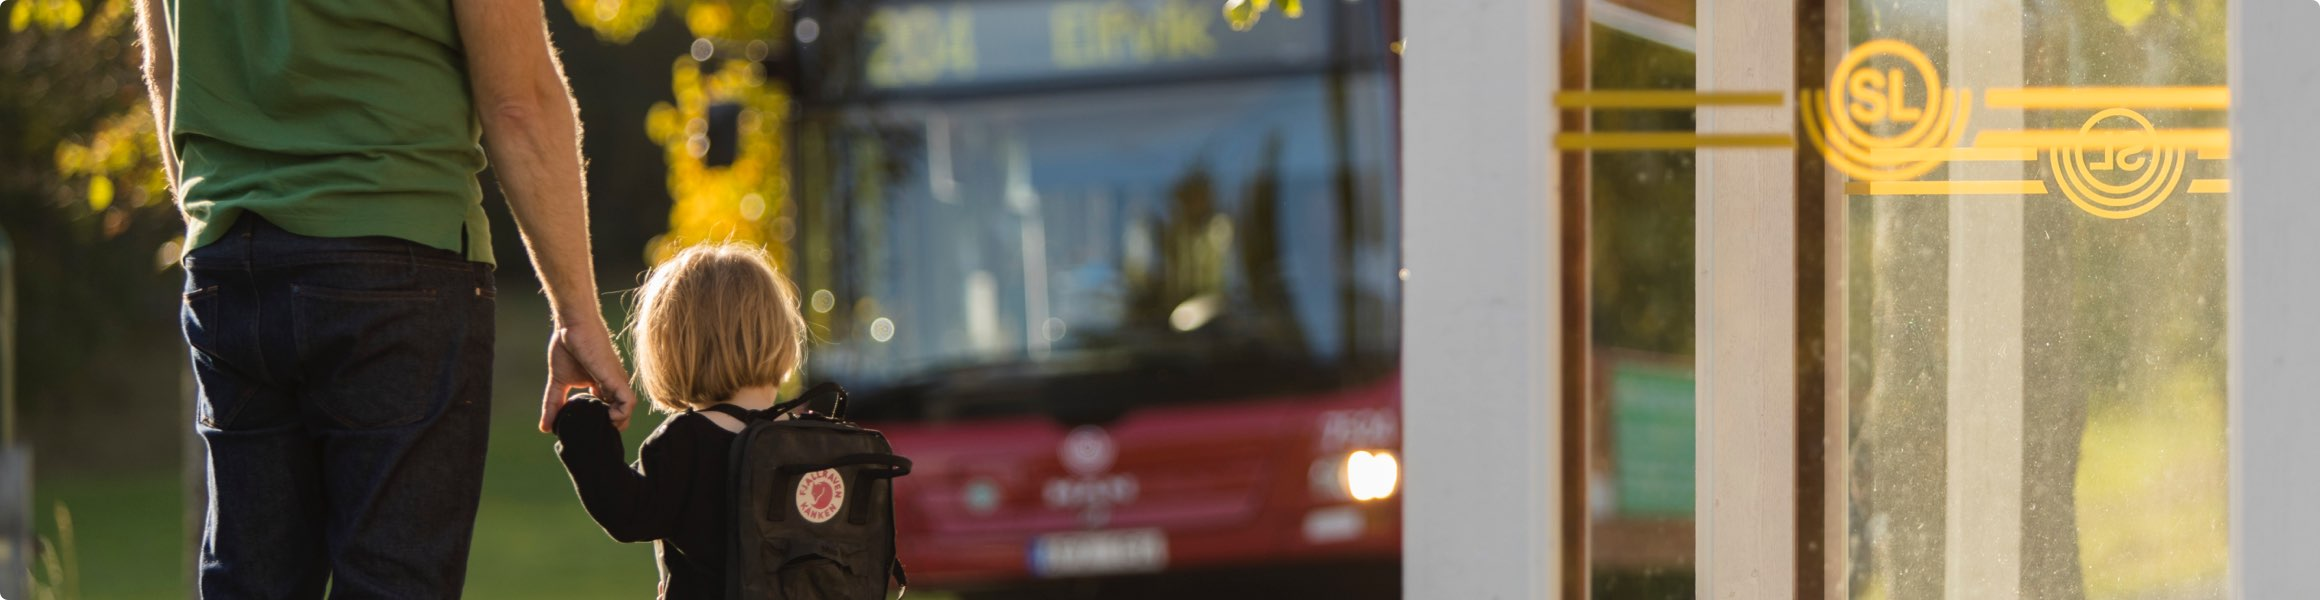 Vuxen som håller ett barn i handen och en buss i bakgrunden